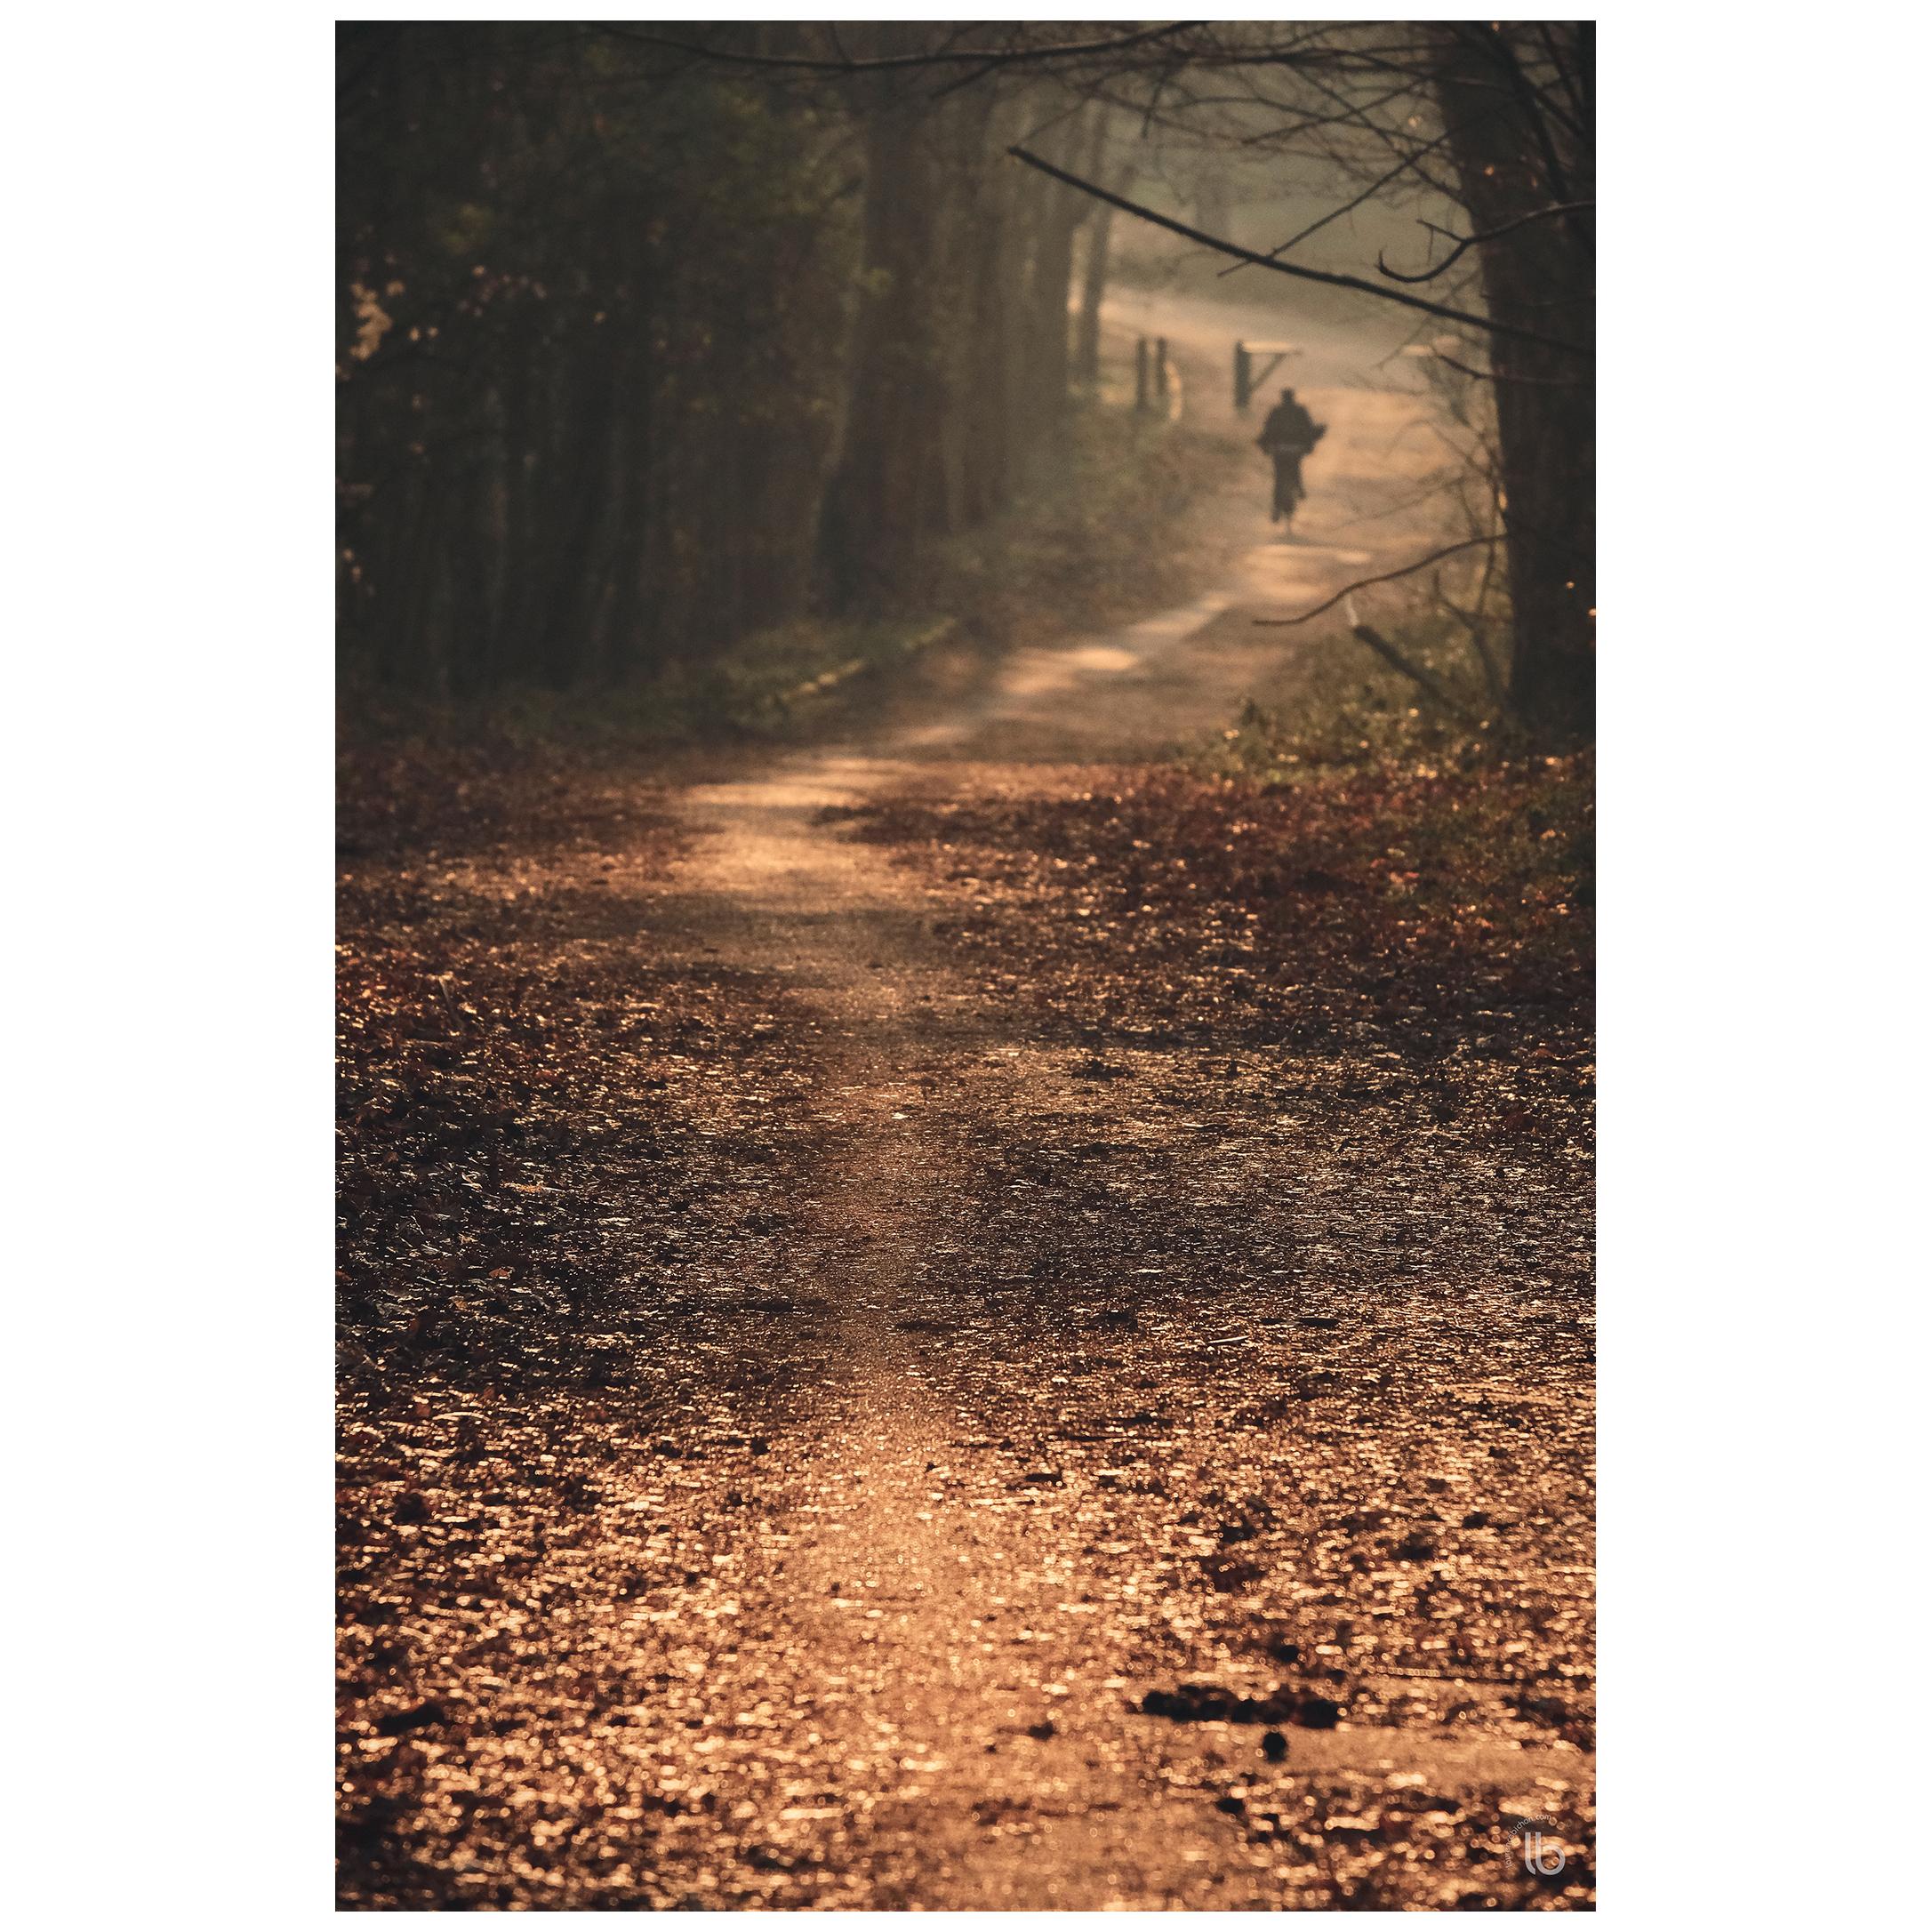 Forêt de Meudon - 20190328 - by laurence bichon photographe meudon